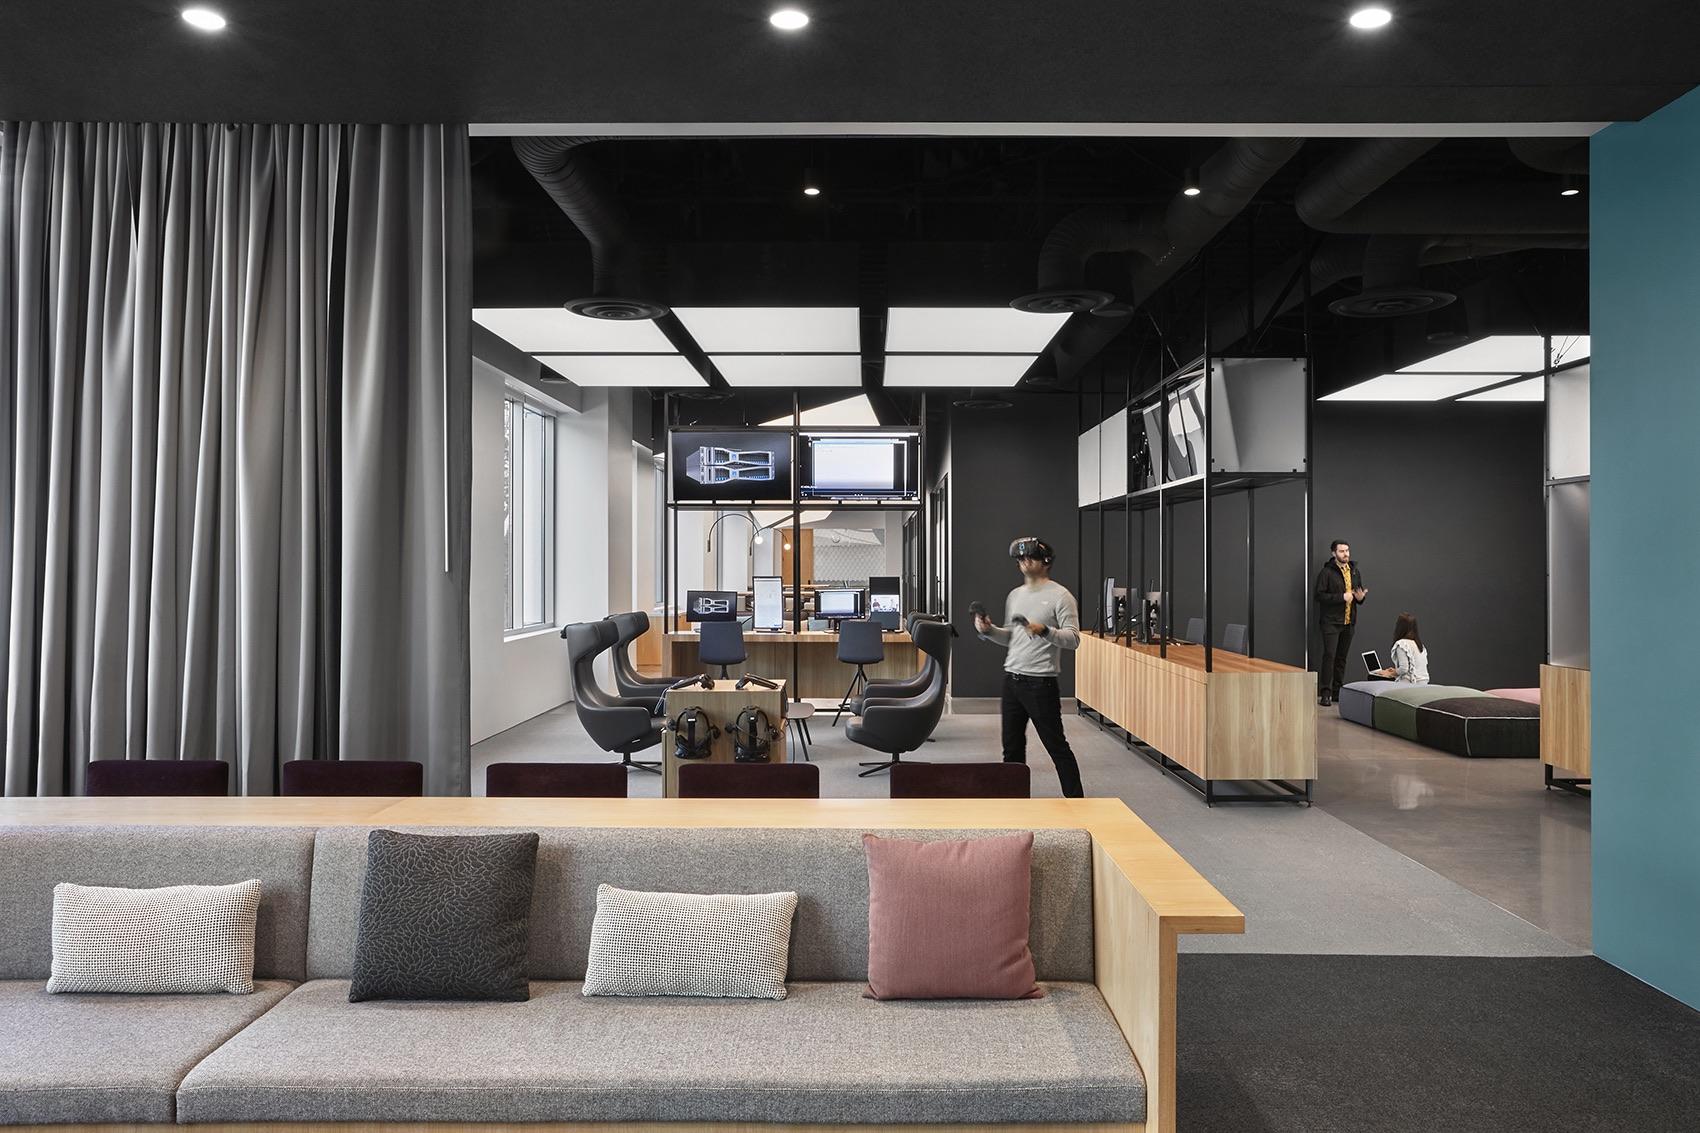 netapp-sunnyvale-office-1